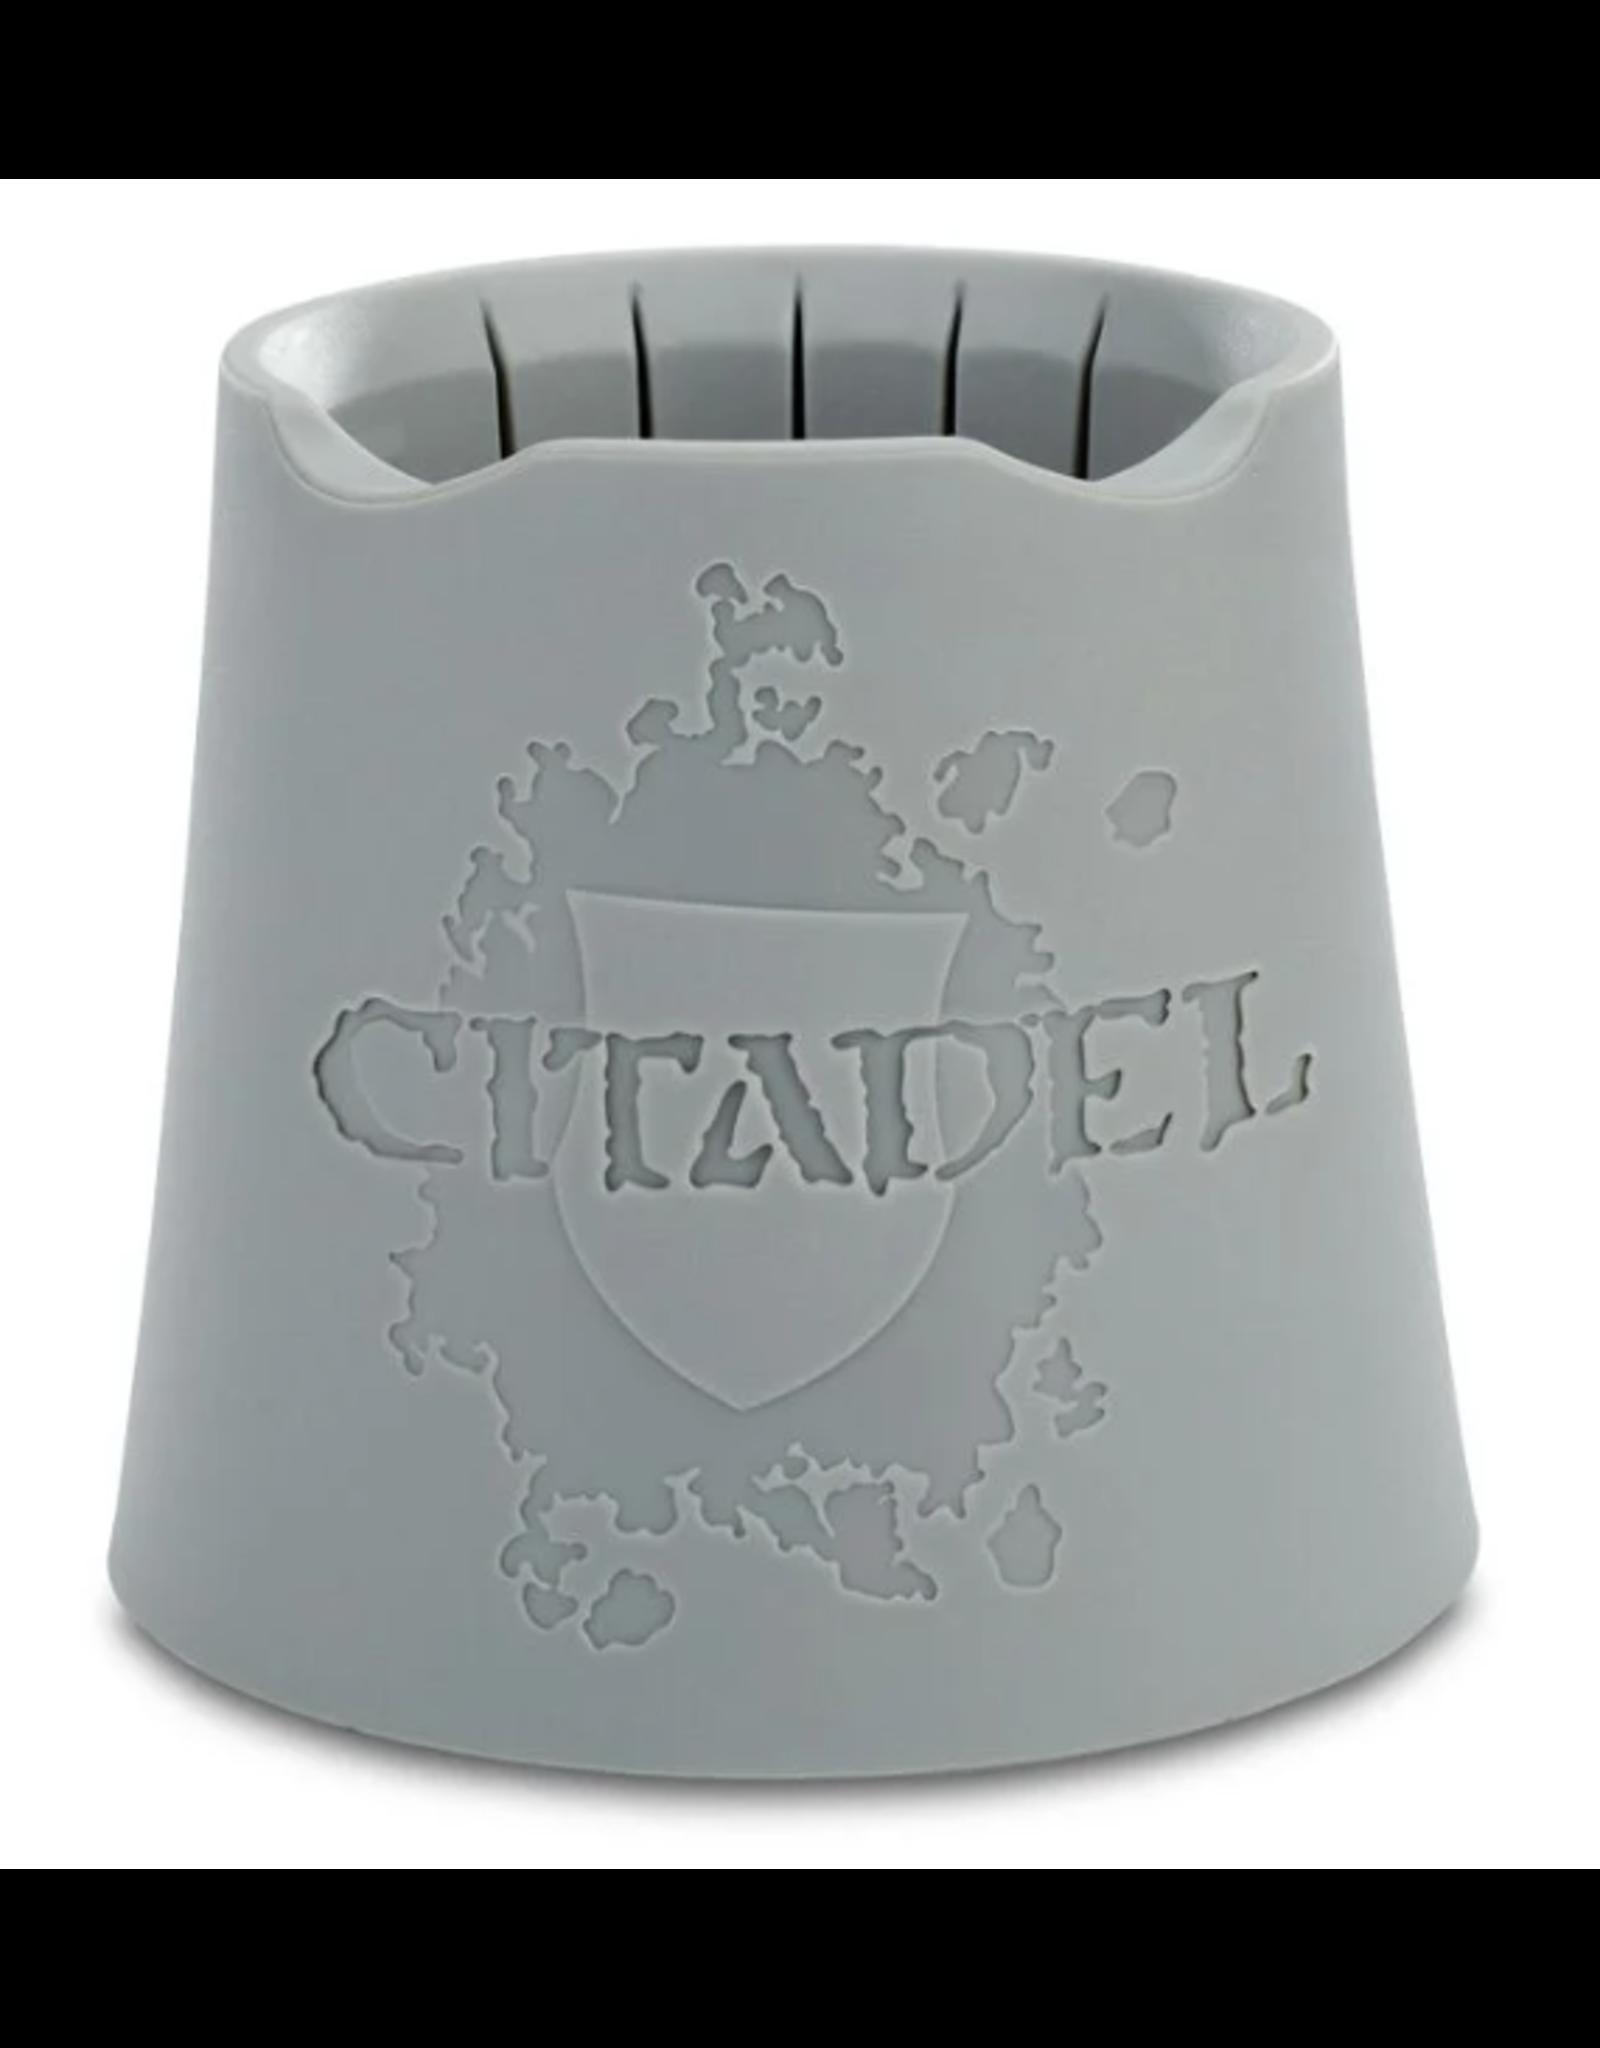 Games Workshop Citadel Water Pot (2018)